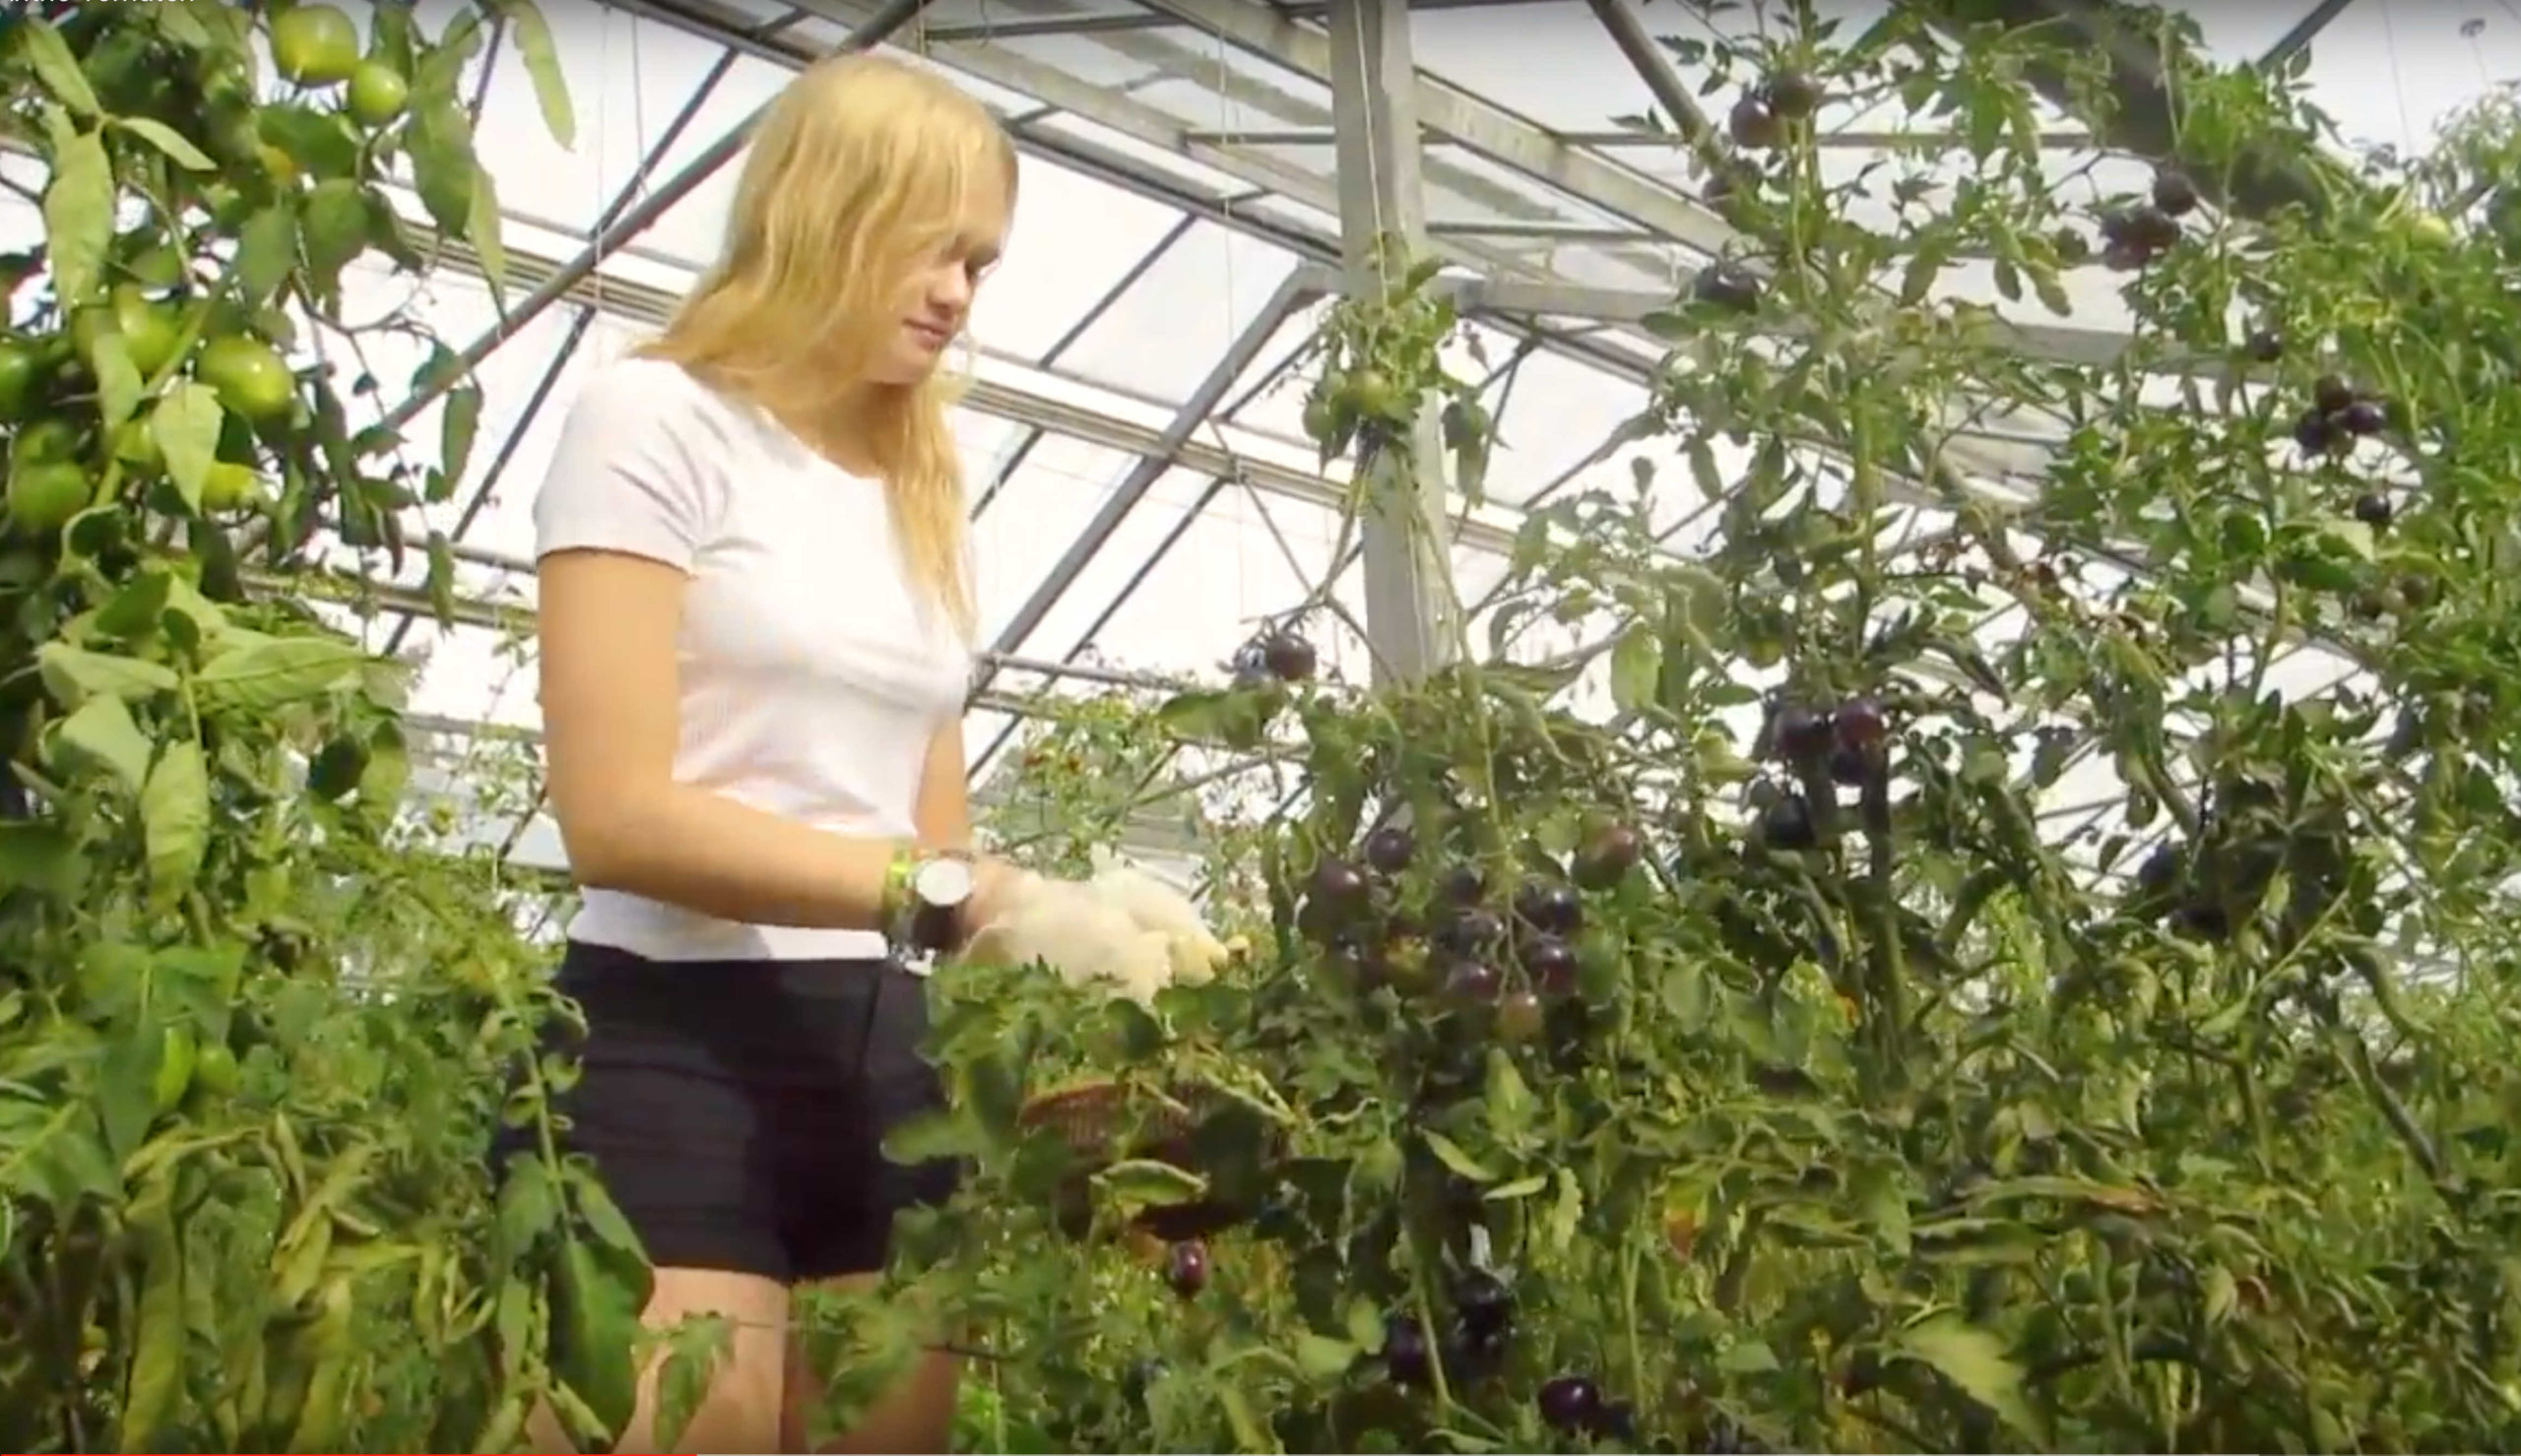 Lotti bei den schwarzen Tomaten